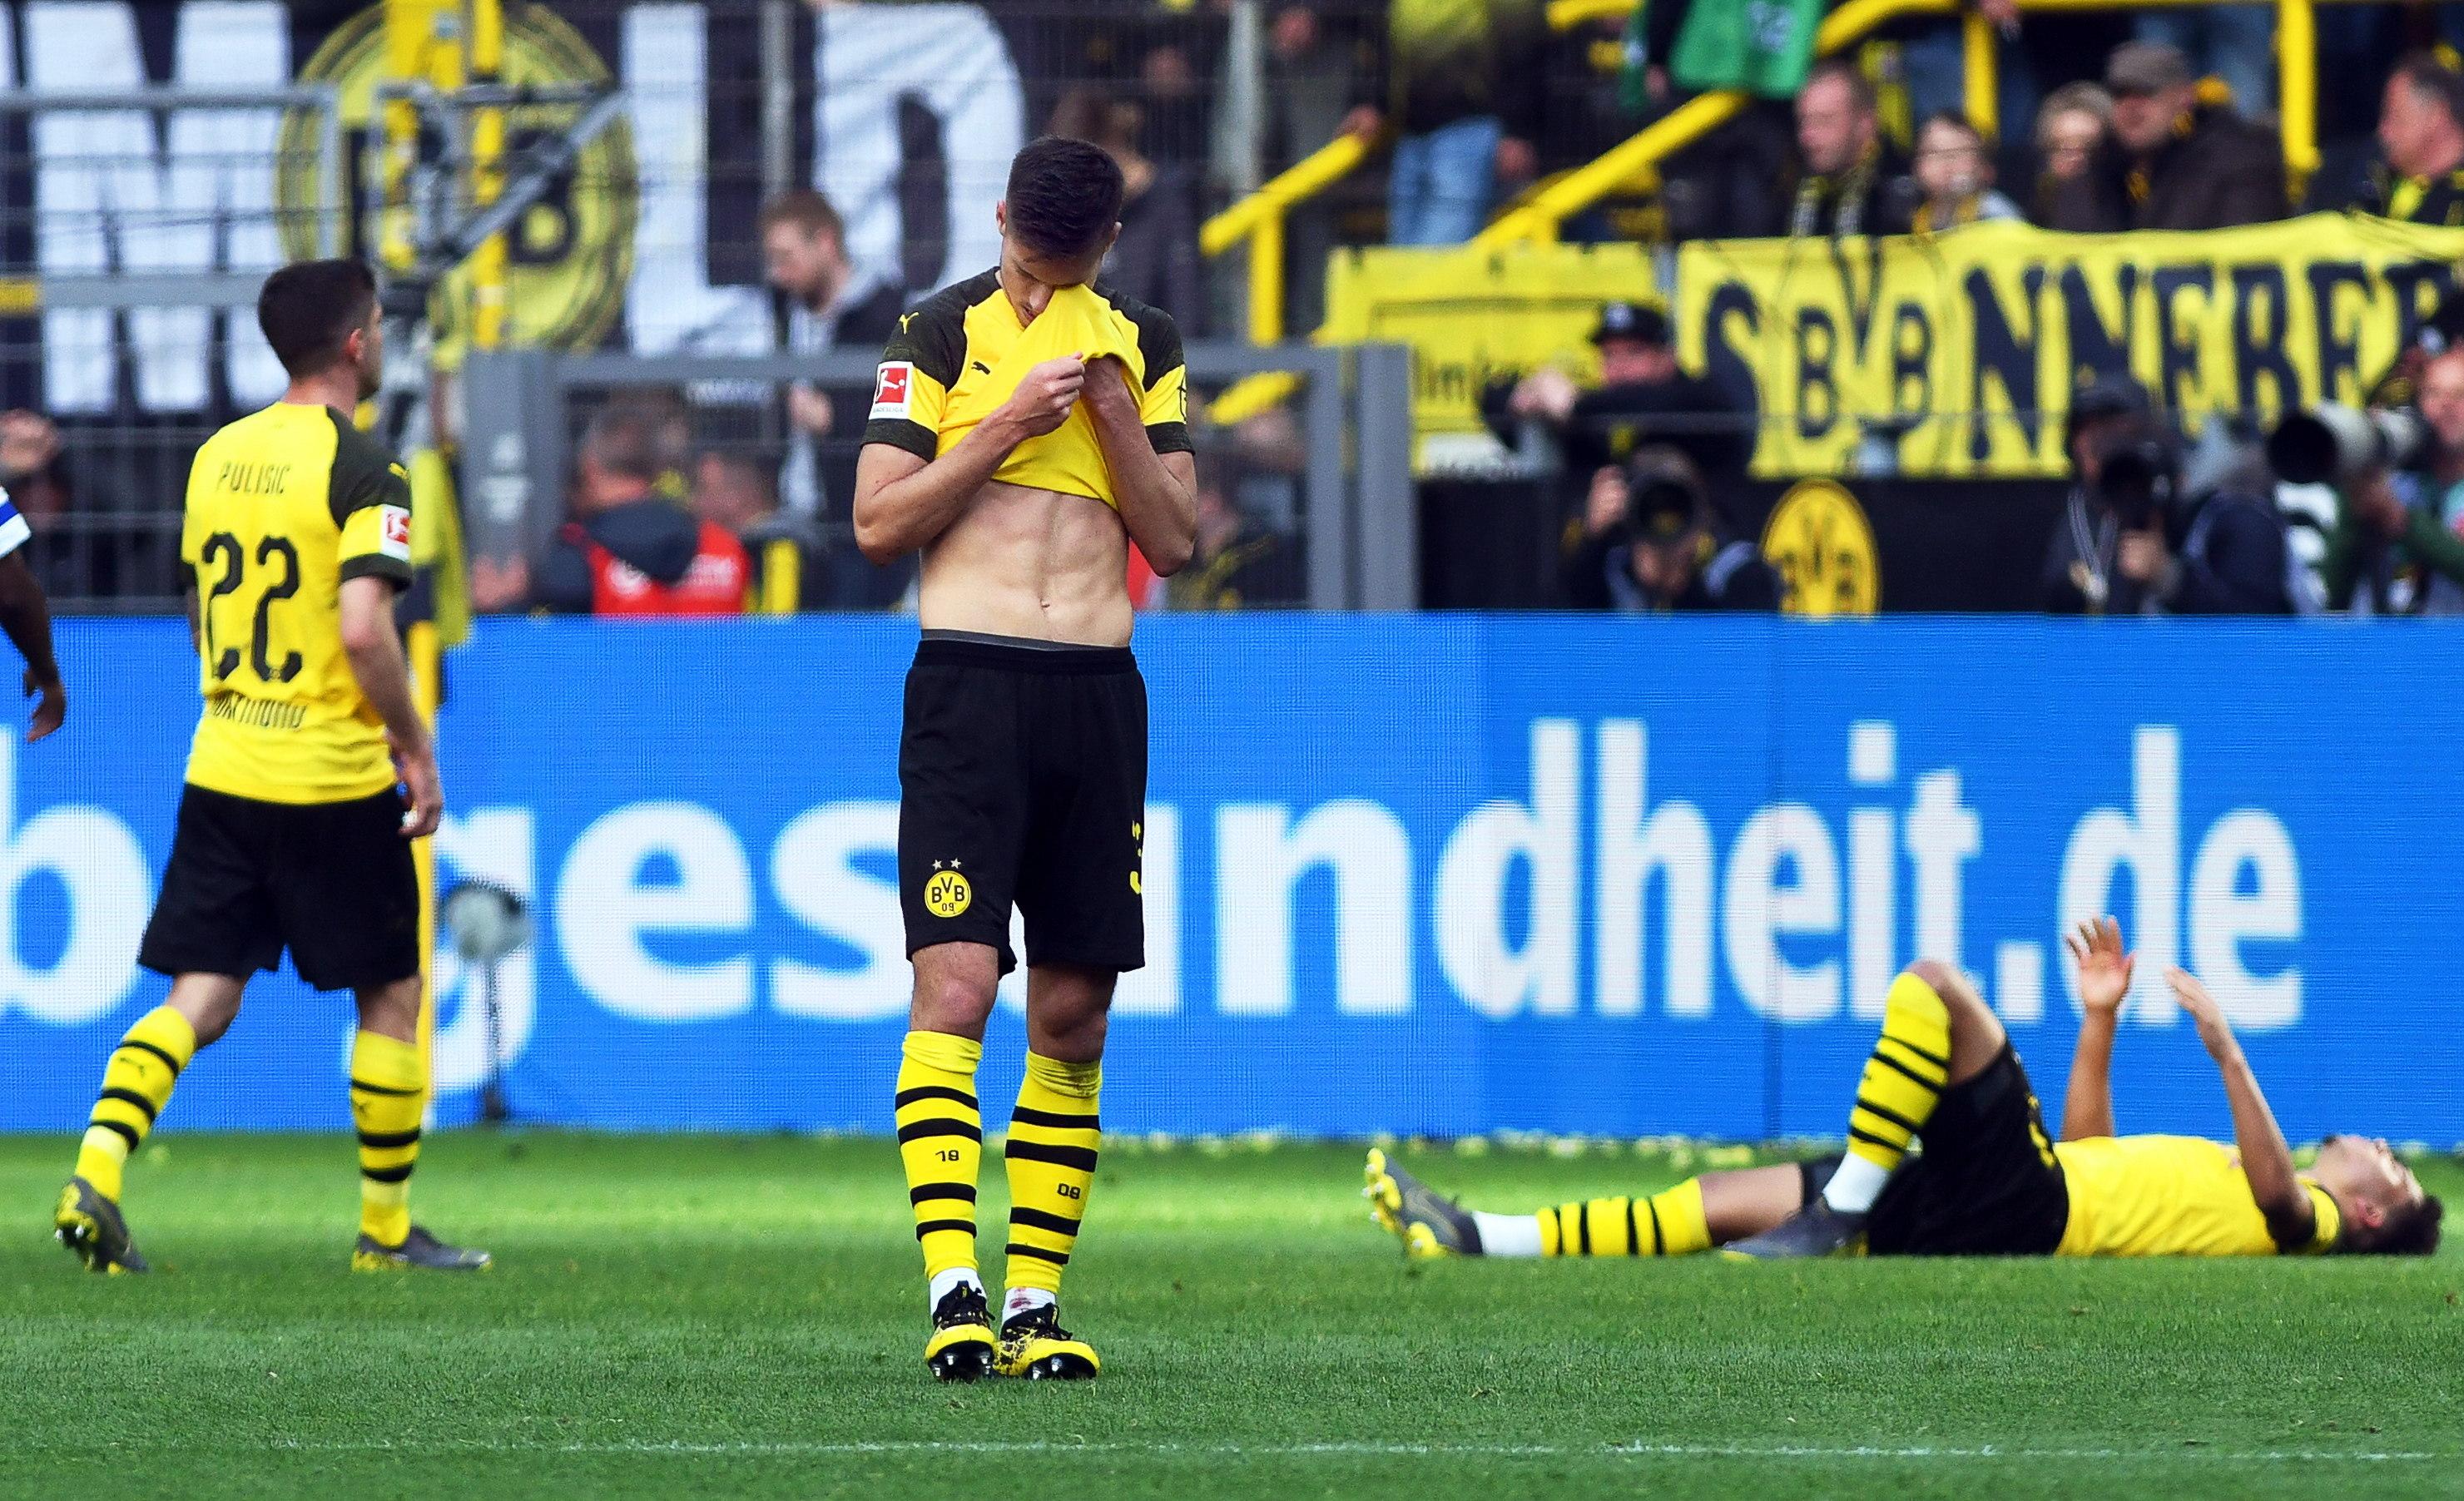 Jugadores del Borussia Dortmund lamentan el resultado contra el Schalke. (Foto Prensa Libre: EFE)